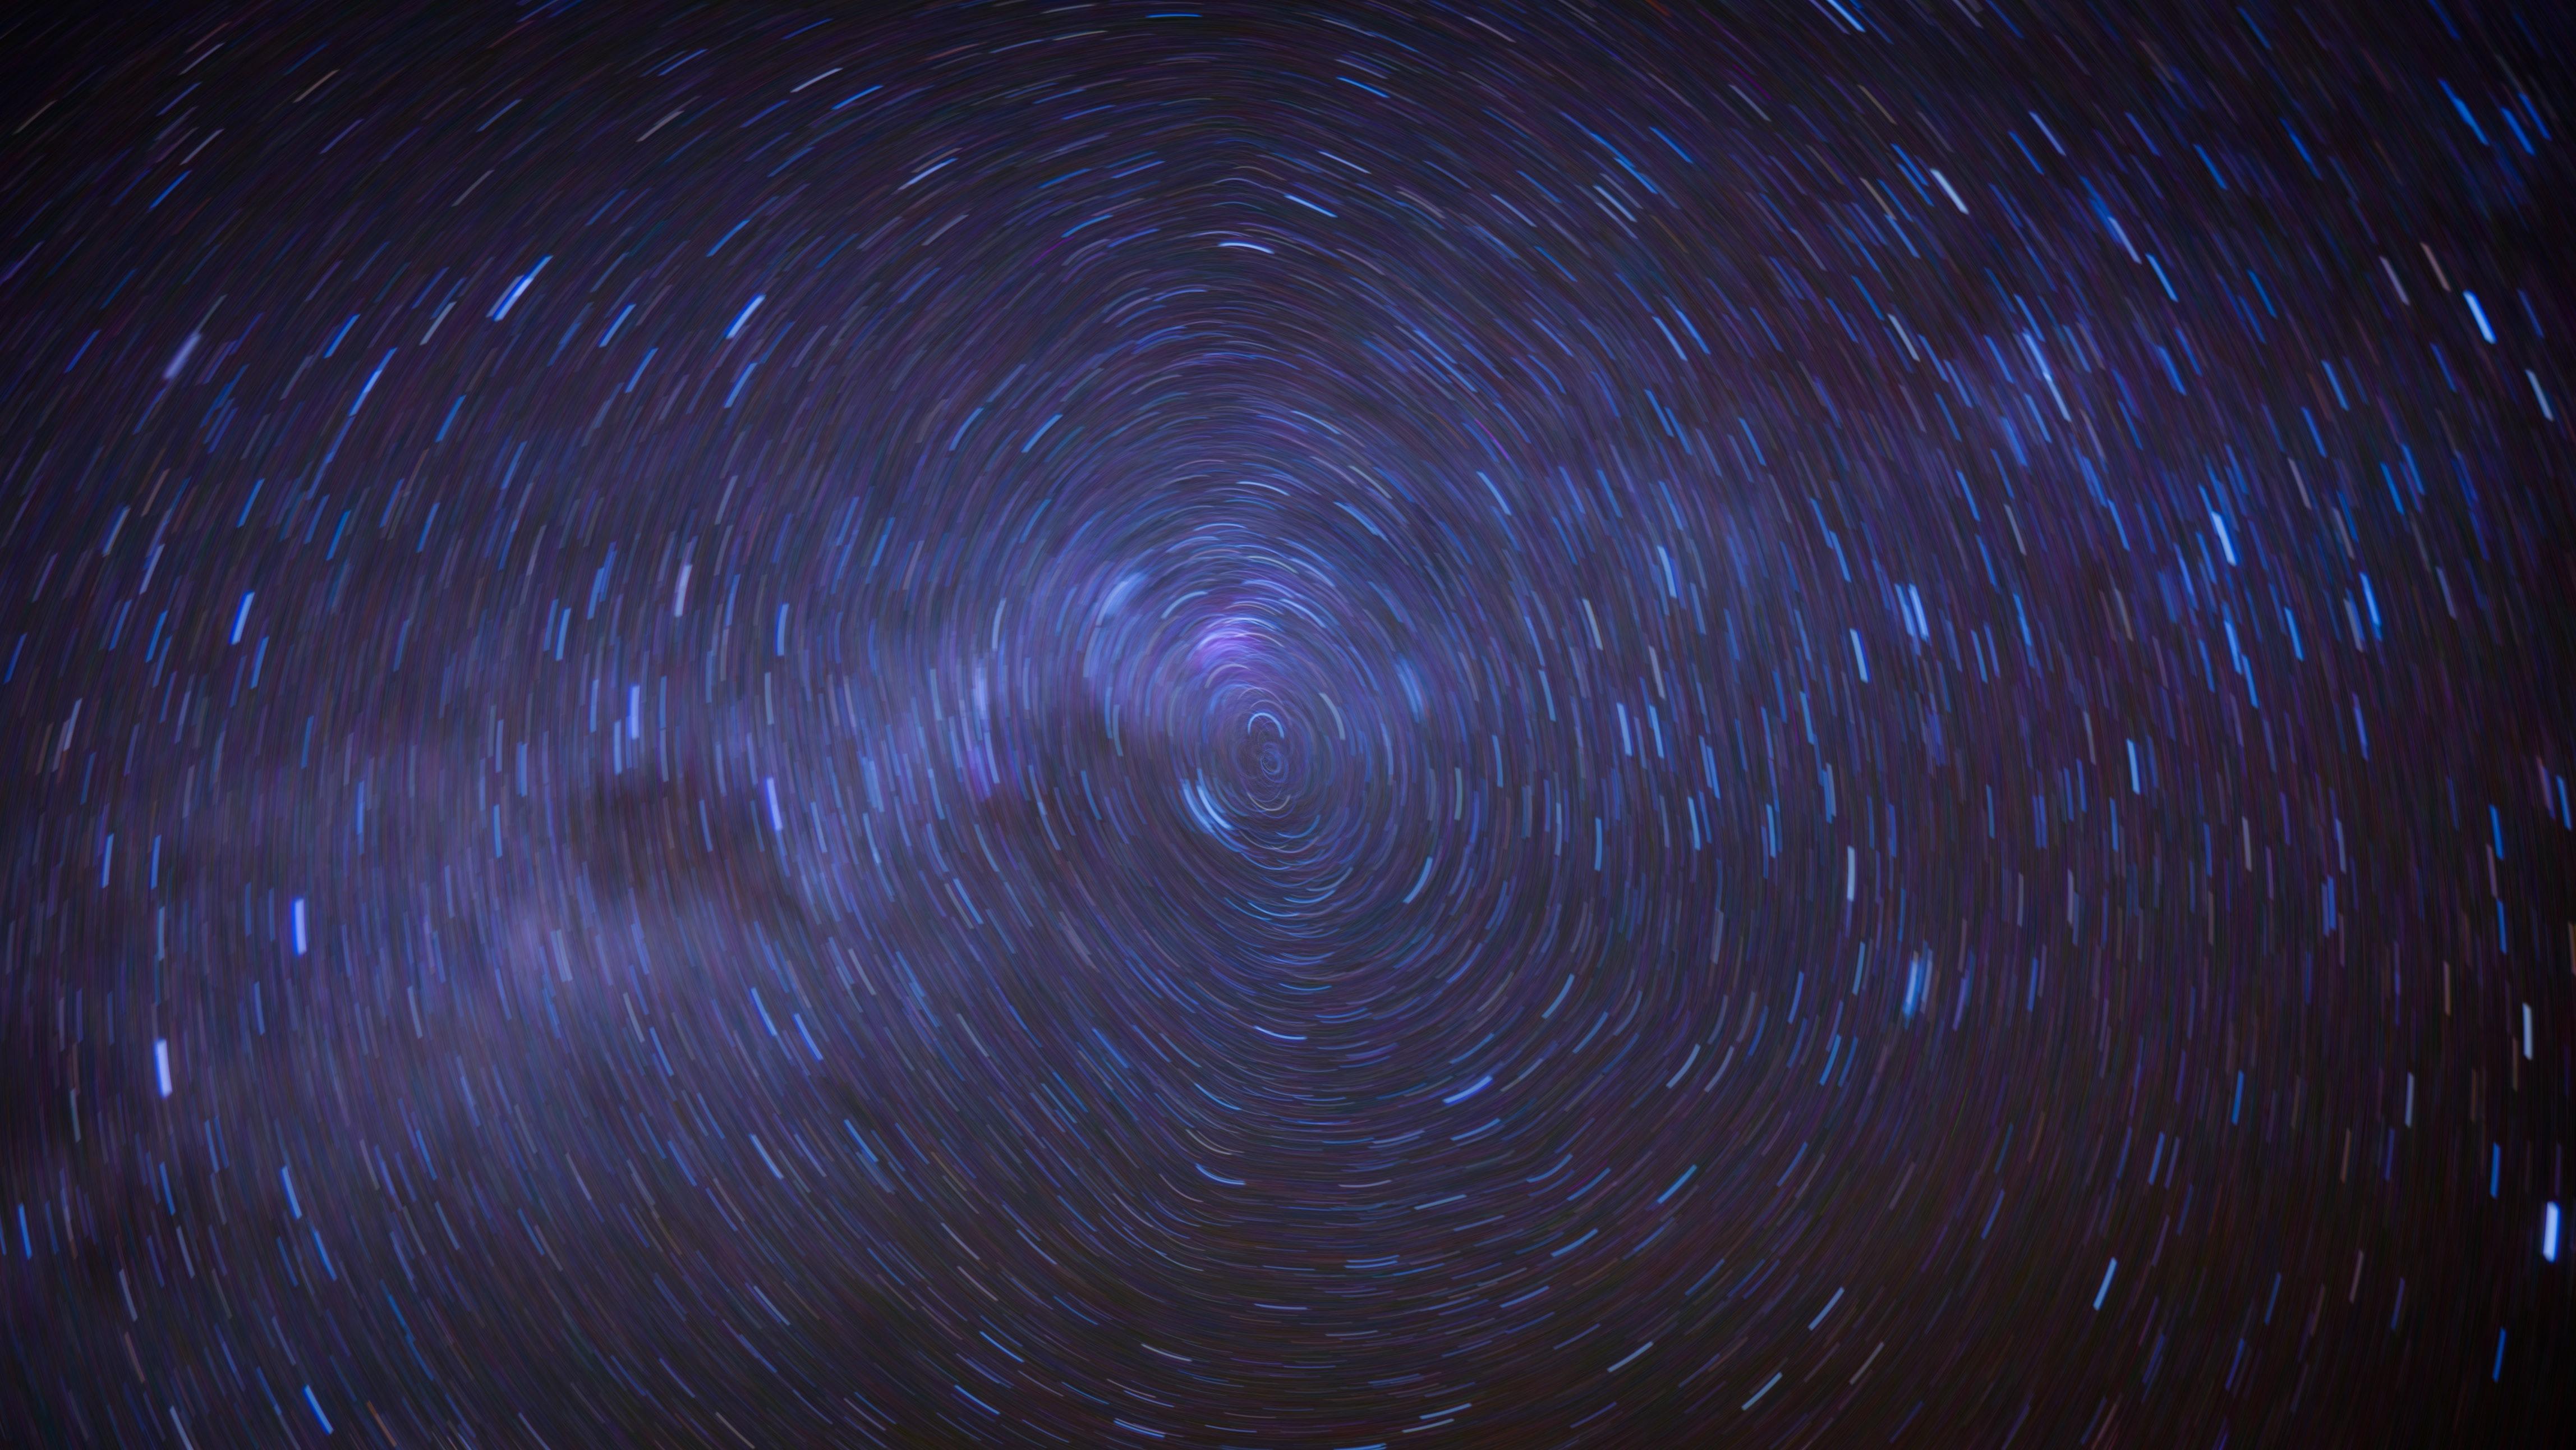 154200 скачать обои Темные, Закручивание, Космос, Небо, Звезды - заставки и картинки бесплатно